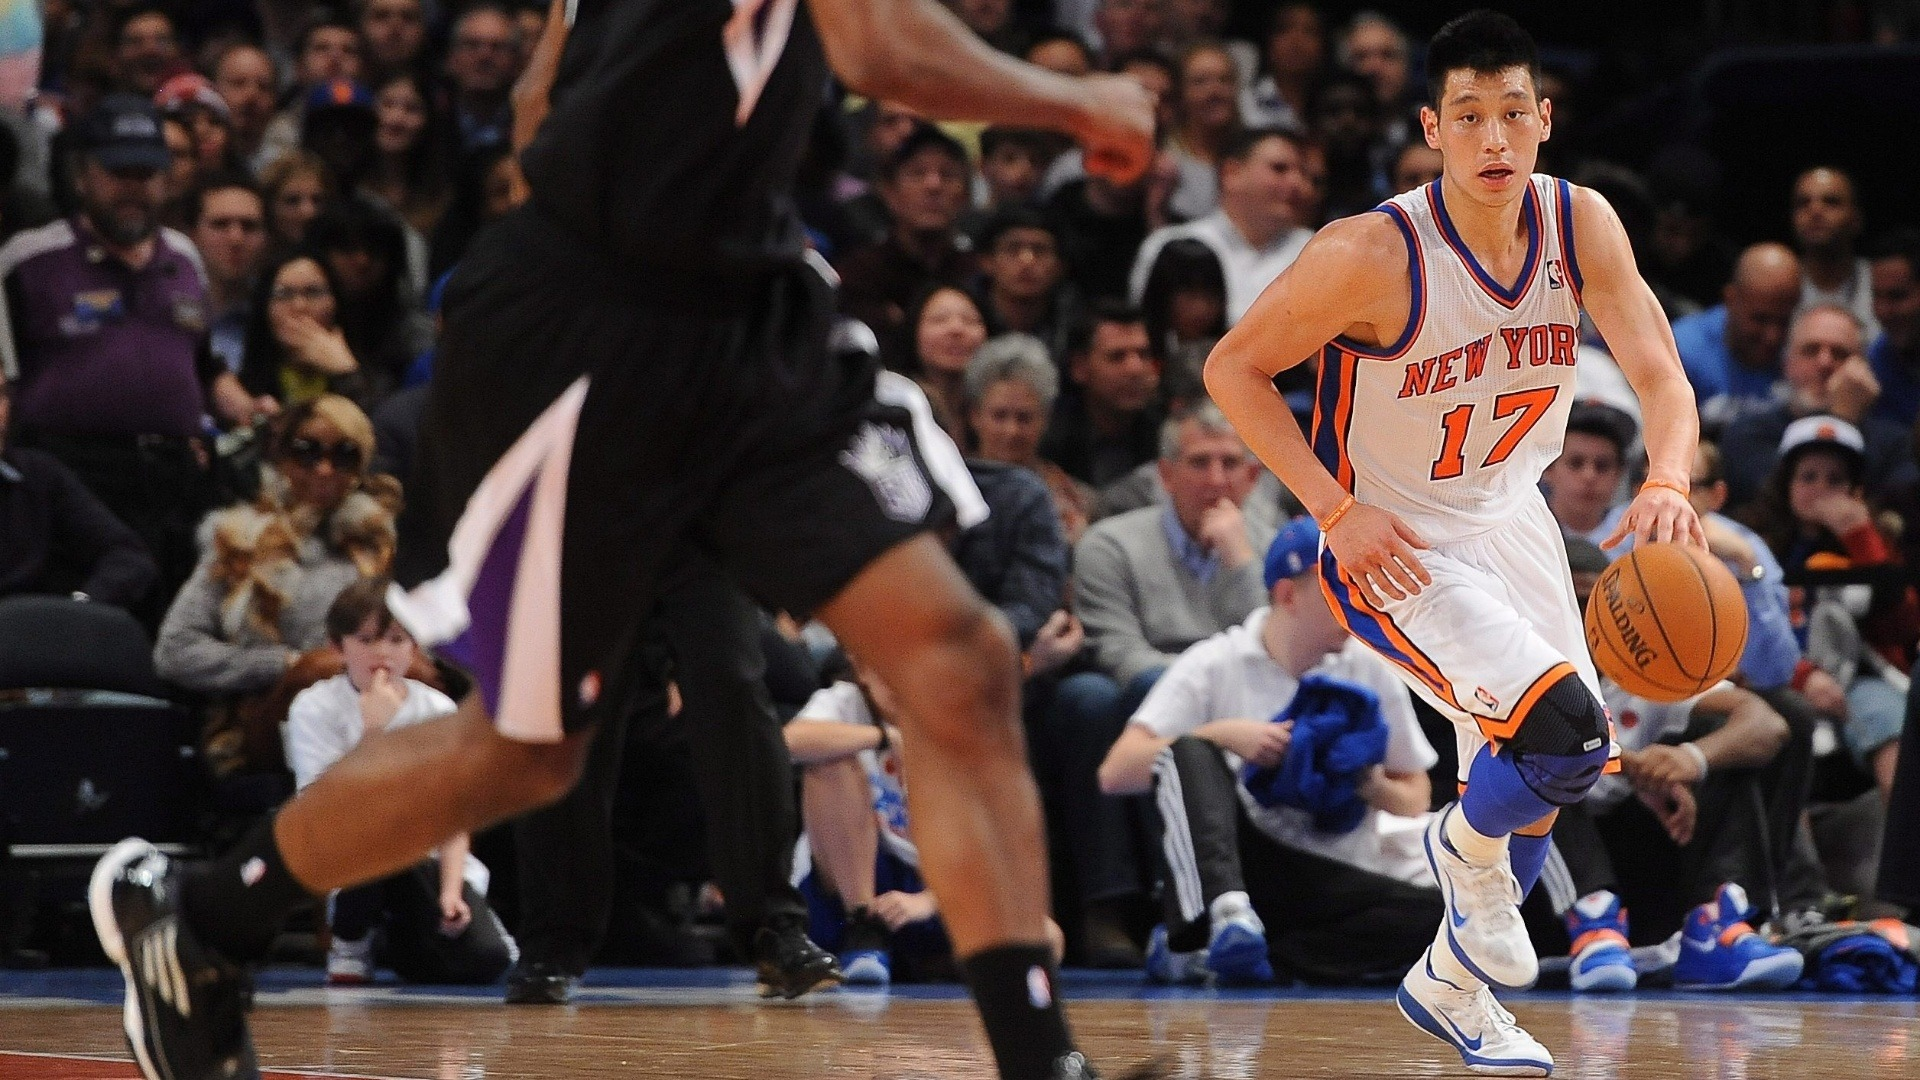 Jeremy Lin: Jeremy Lin-NBA New York Knicks Wallpaper 07-1920x1080